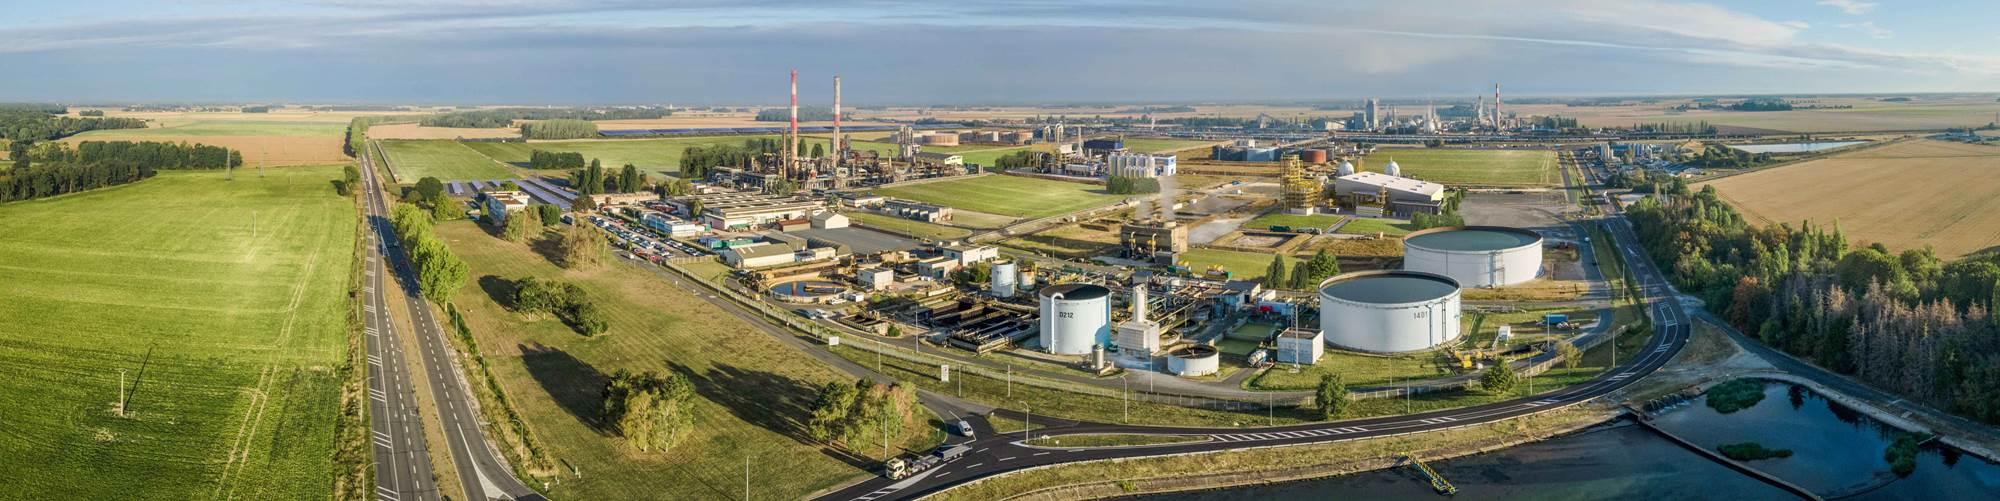 Vista del sitio en Grandpuits, Francia, donde Total Corbion PLA tiene la intención de construir su segunda planta Luminy PLA con una capacidad de hasta 100.000 toneladas por año.